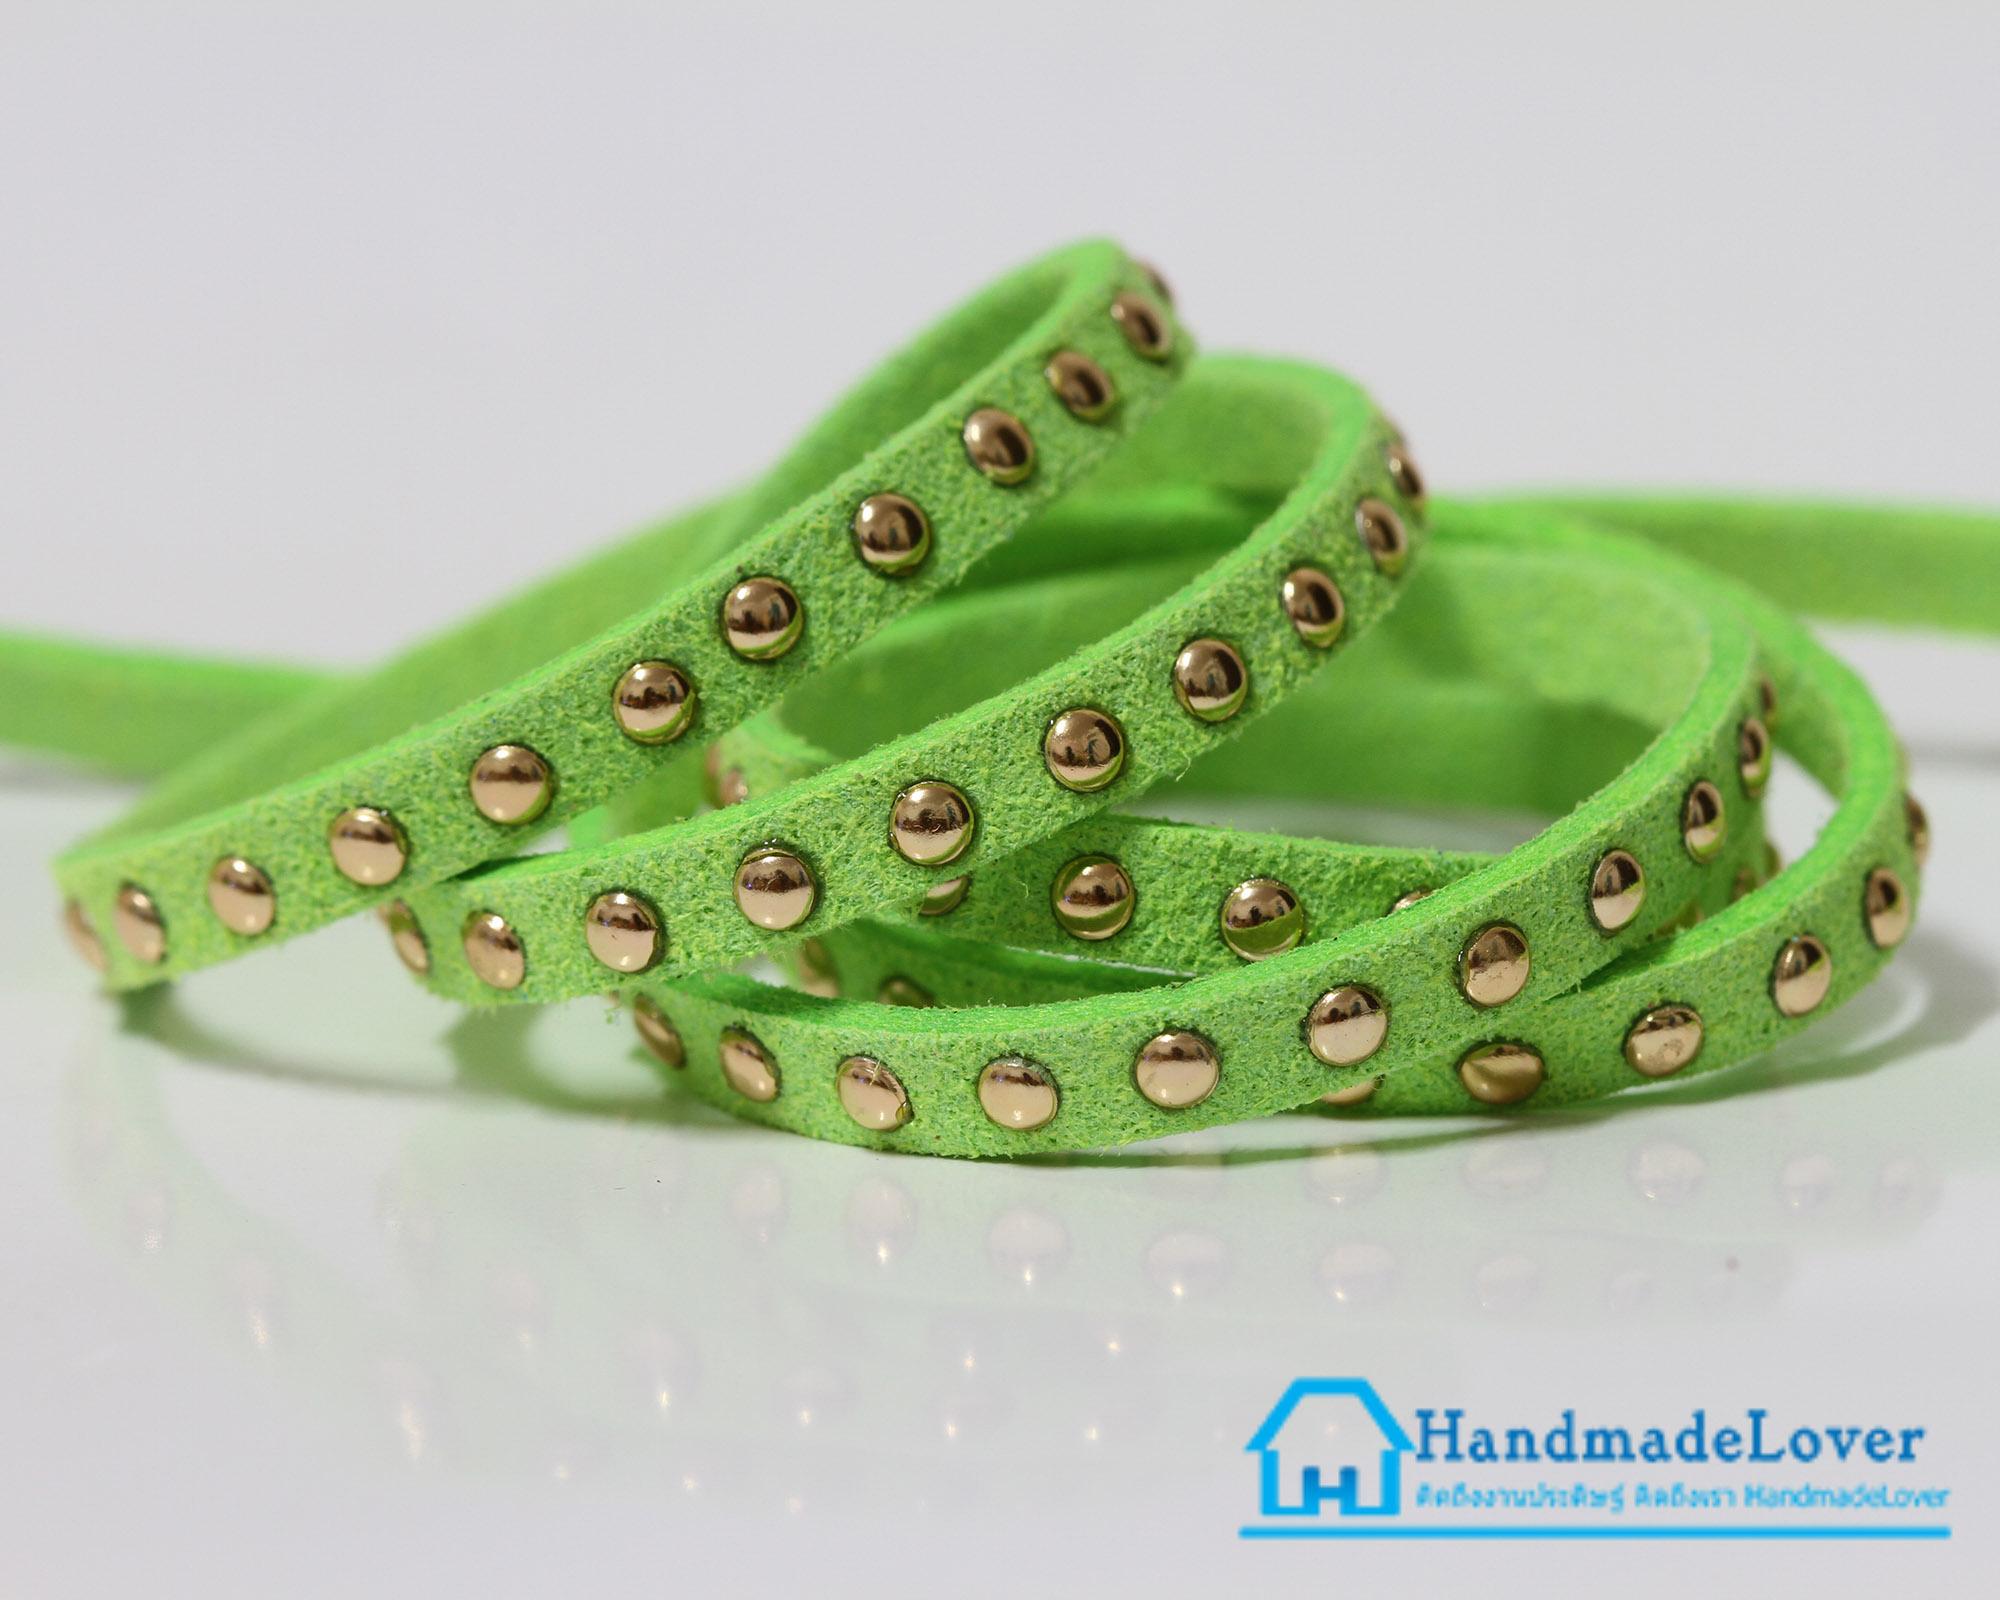 เชือกหนังชามุด สีเขียวใบตองอ่อน ขนาด 5 mm.